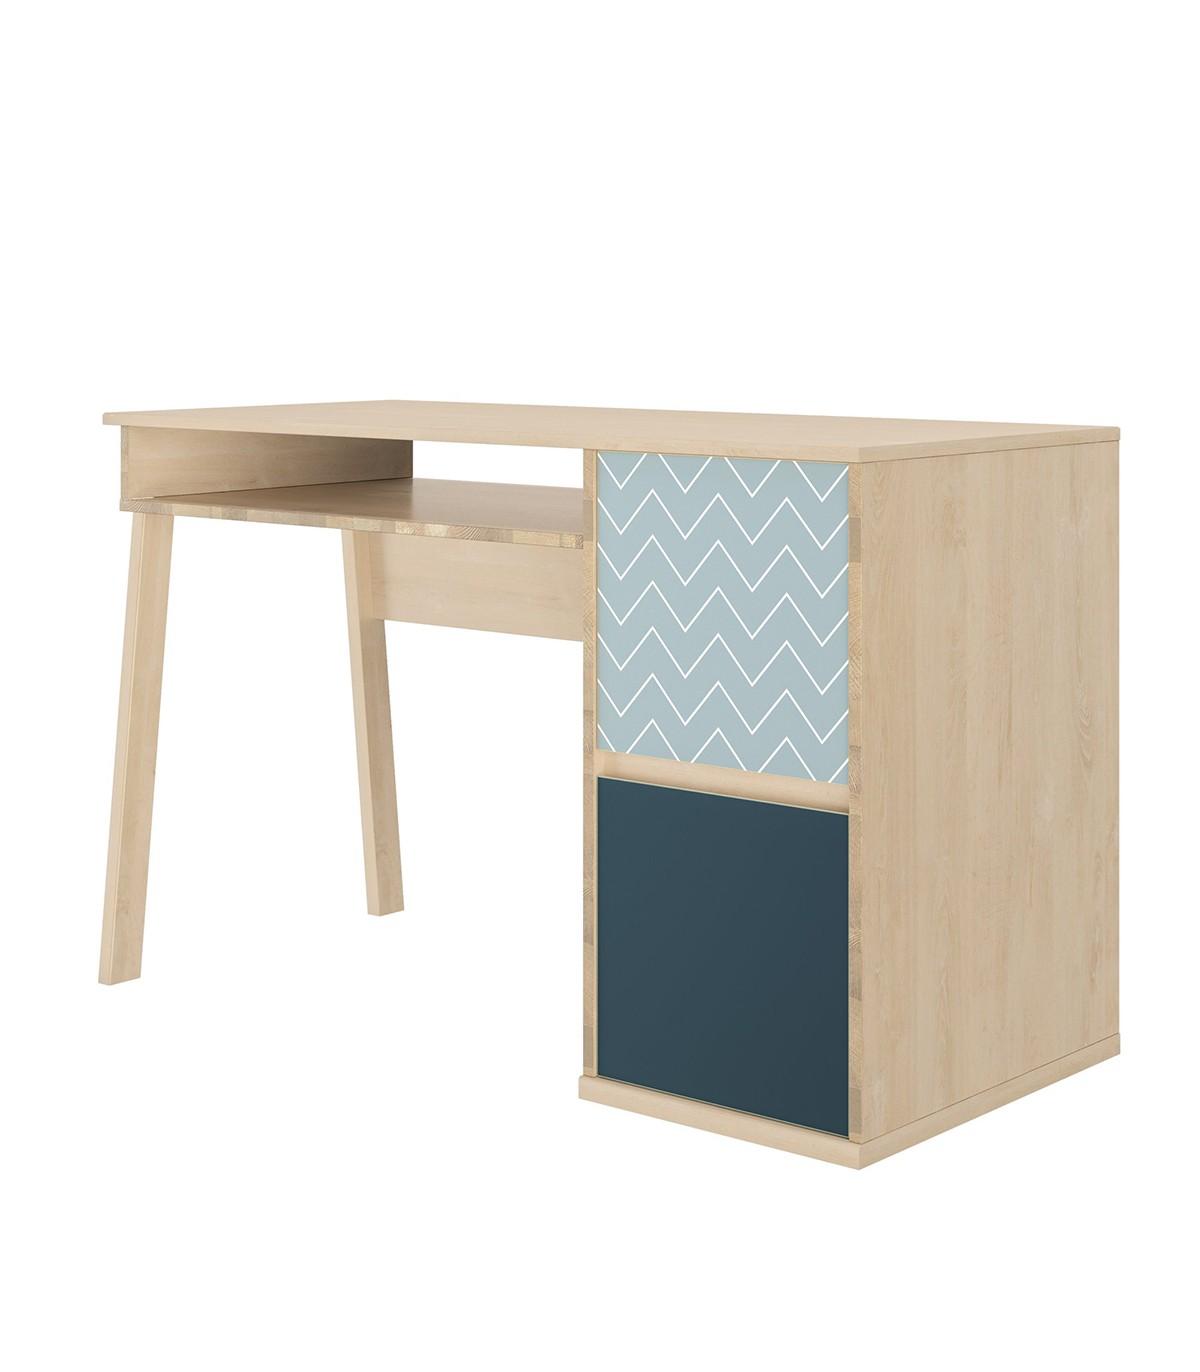 Bureau avec 1 niche et 2 portes - Beige et bleu